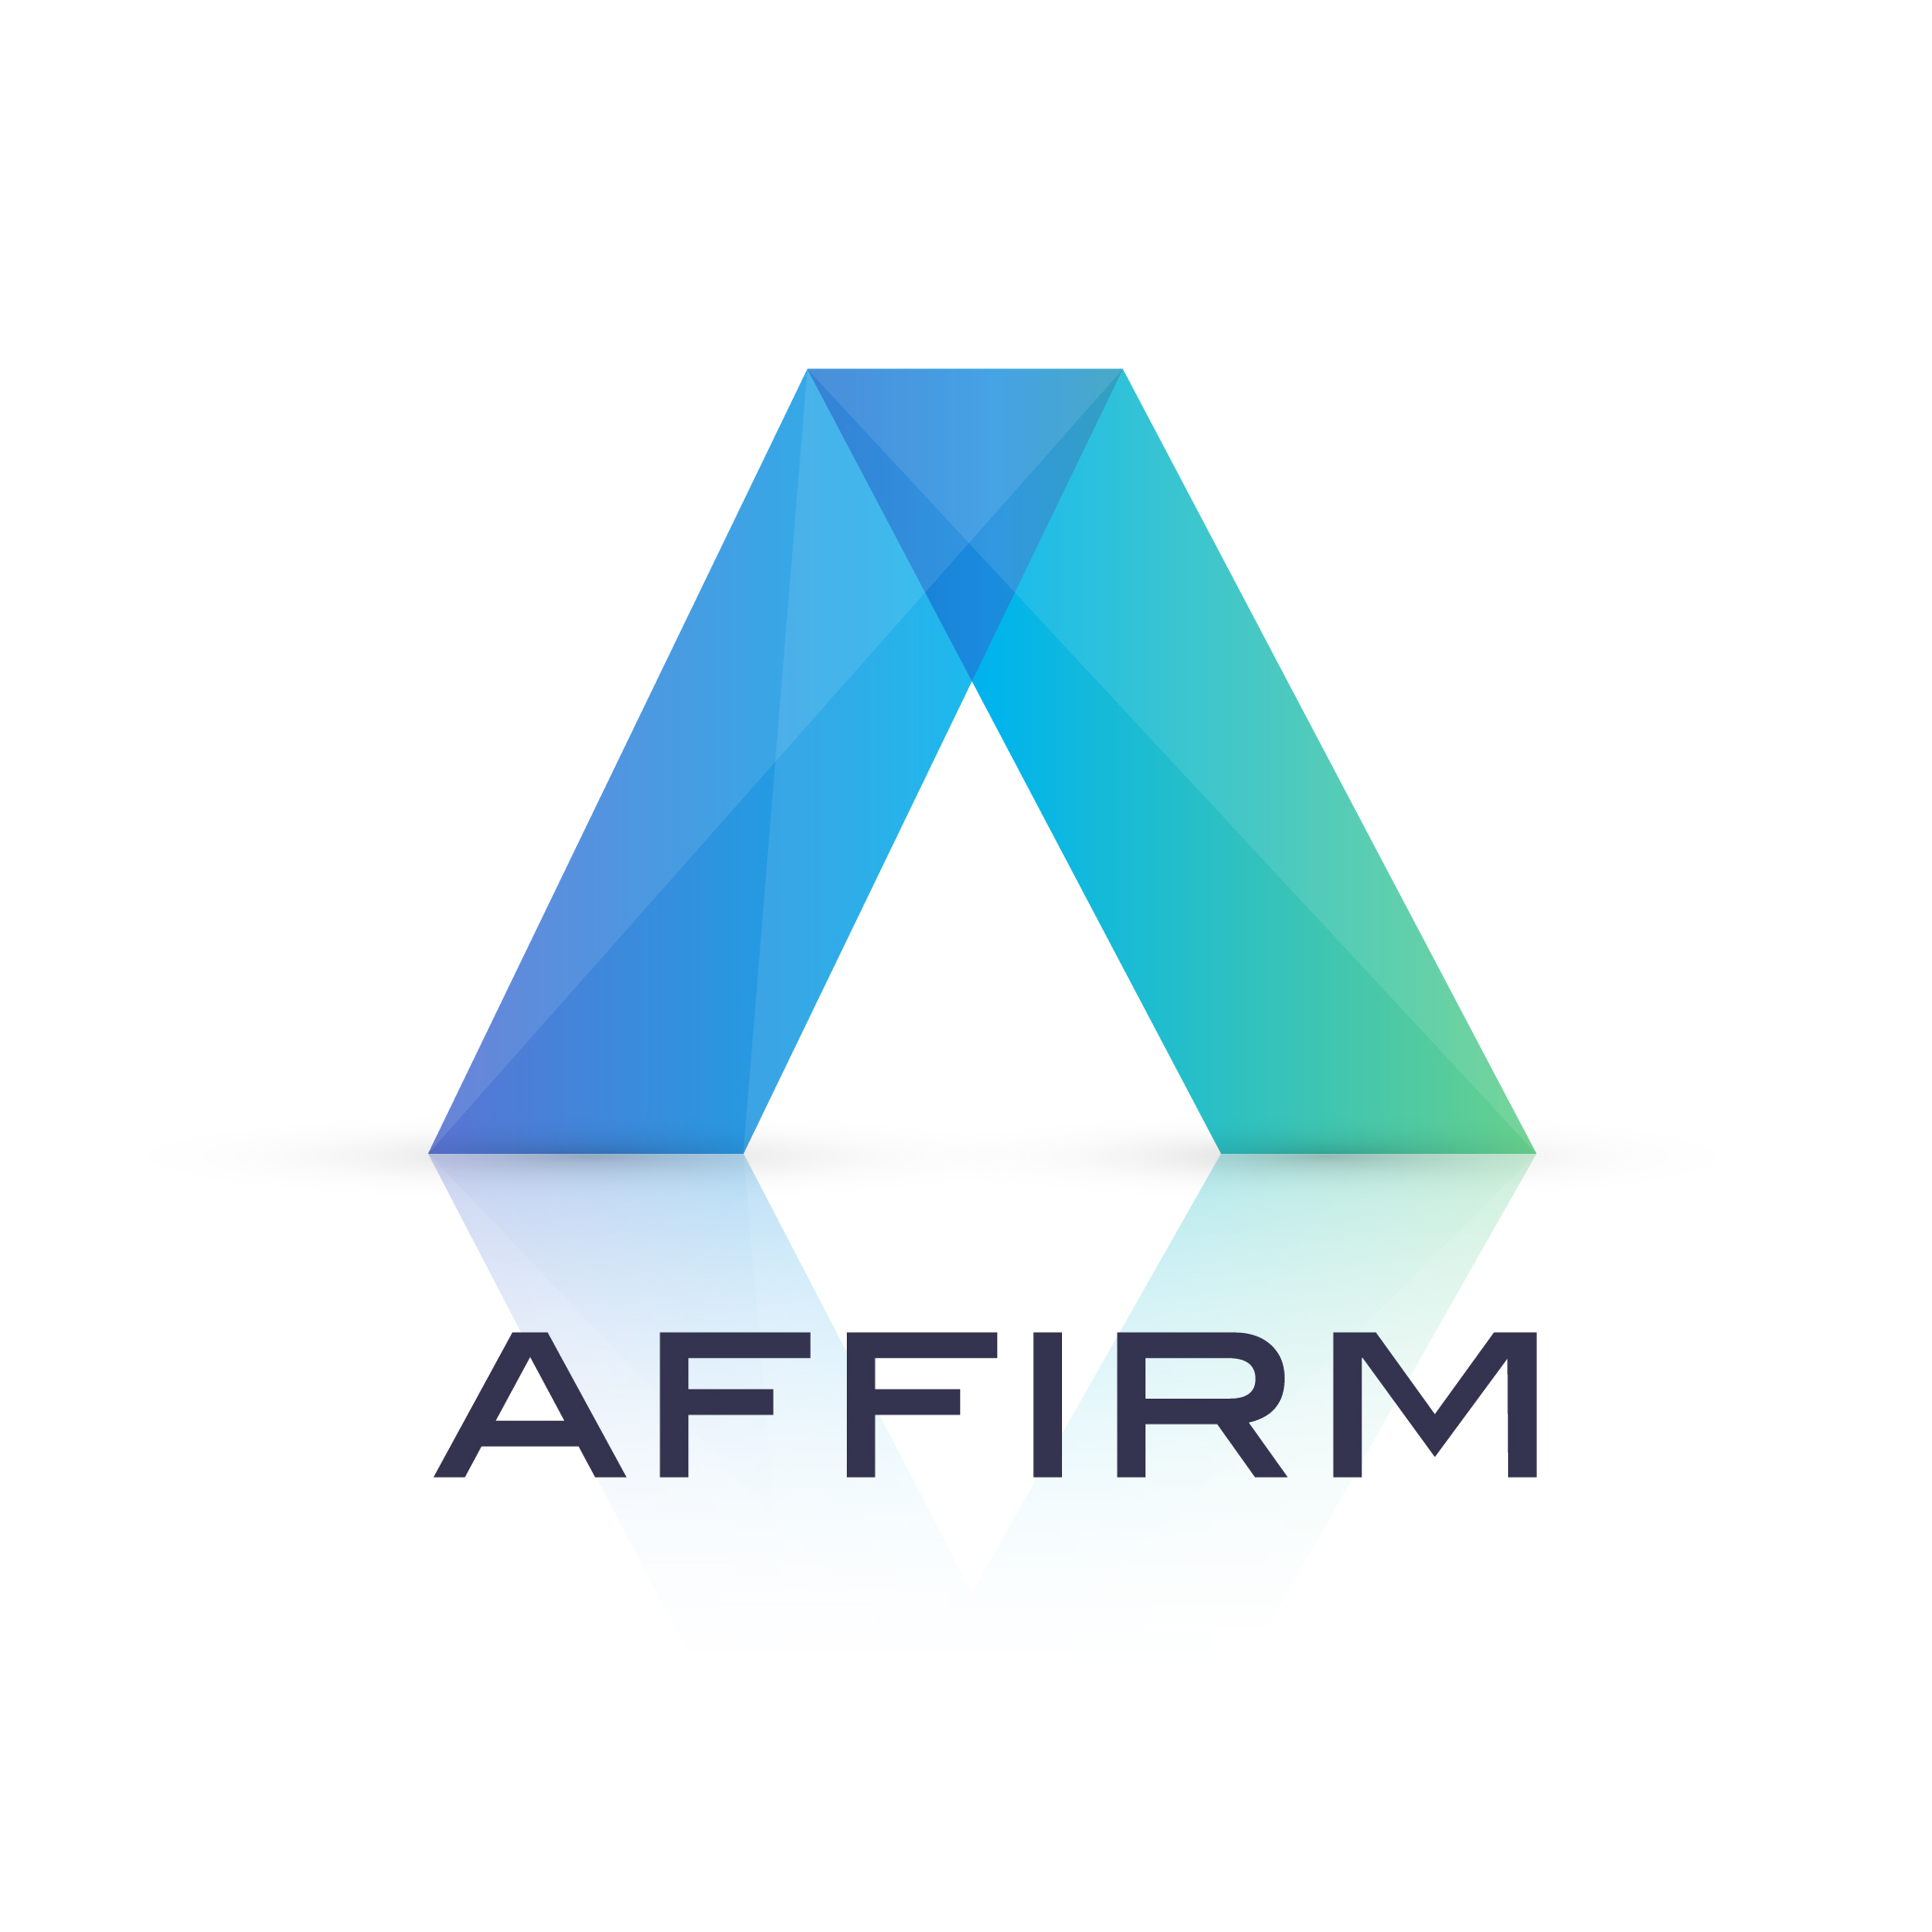 AFFIRM logo Get Us PPE partner